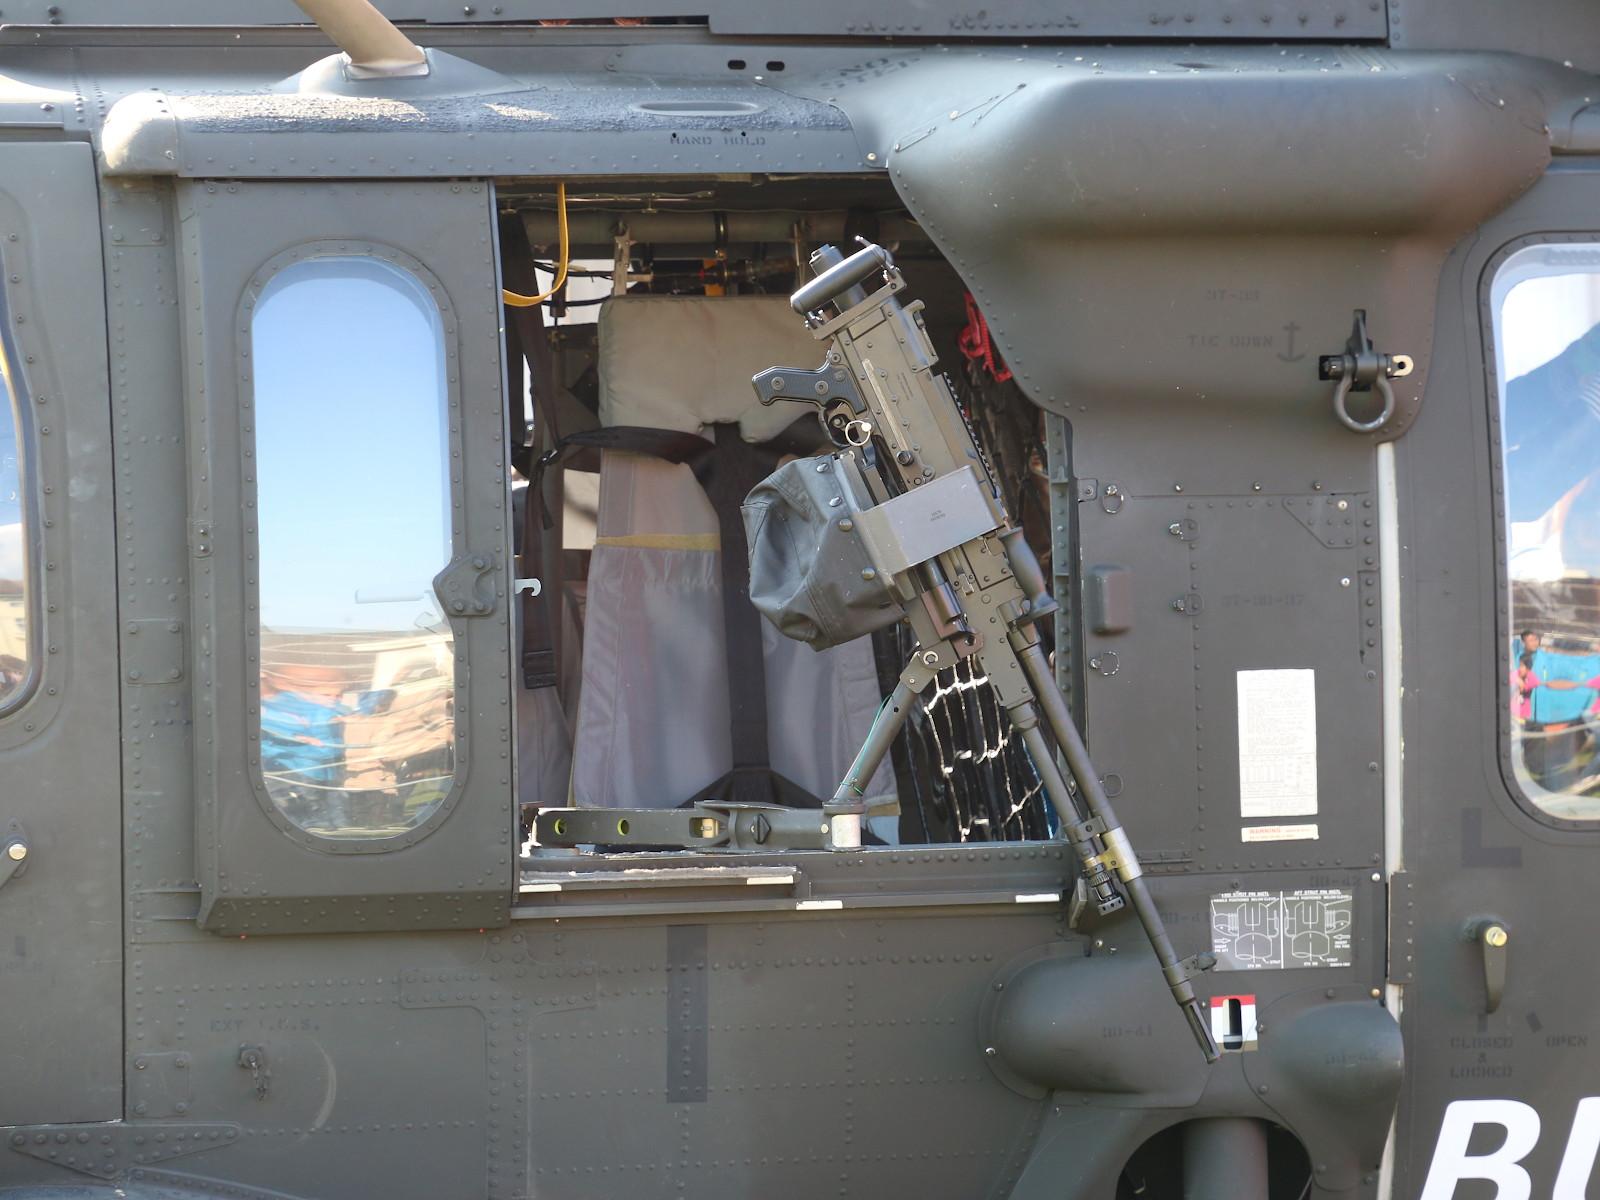 7,62 mm Maschinengewehr FN MAG 58 D für den Selbstschutz des Black Hawks © Doppeladler.com